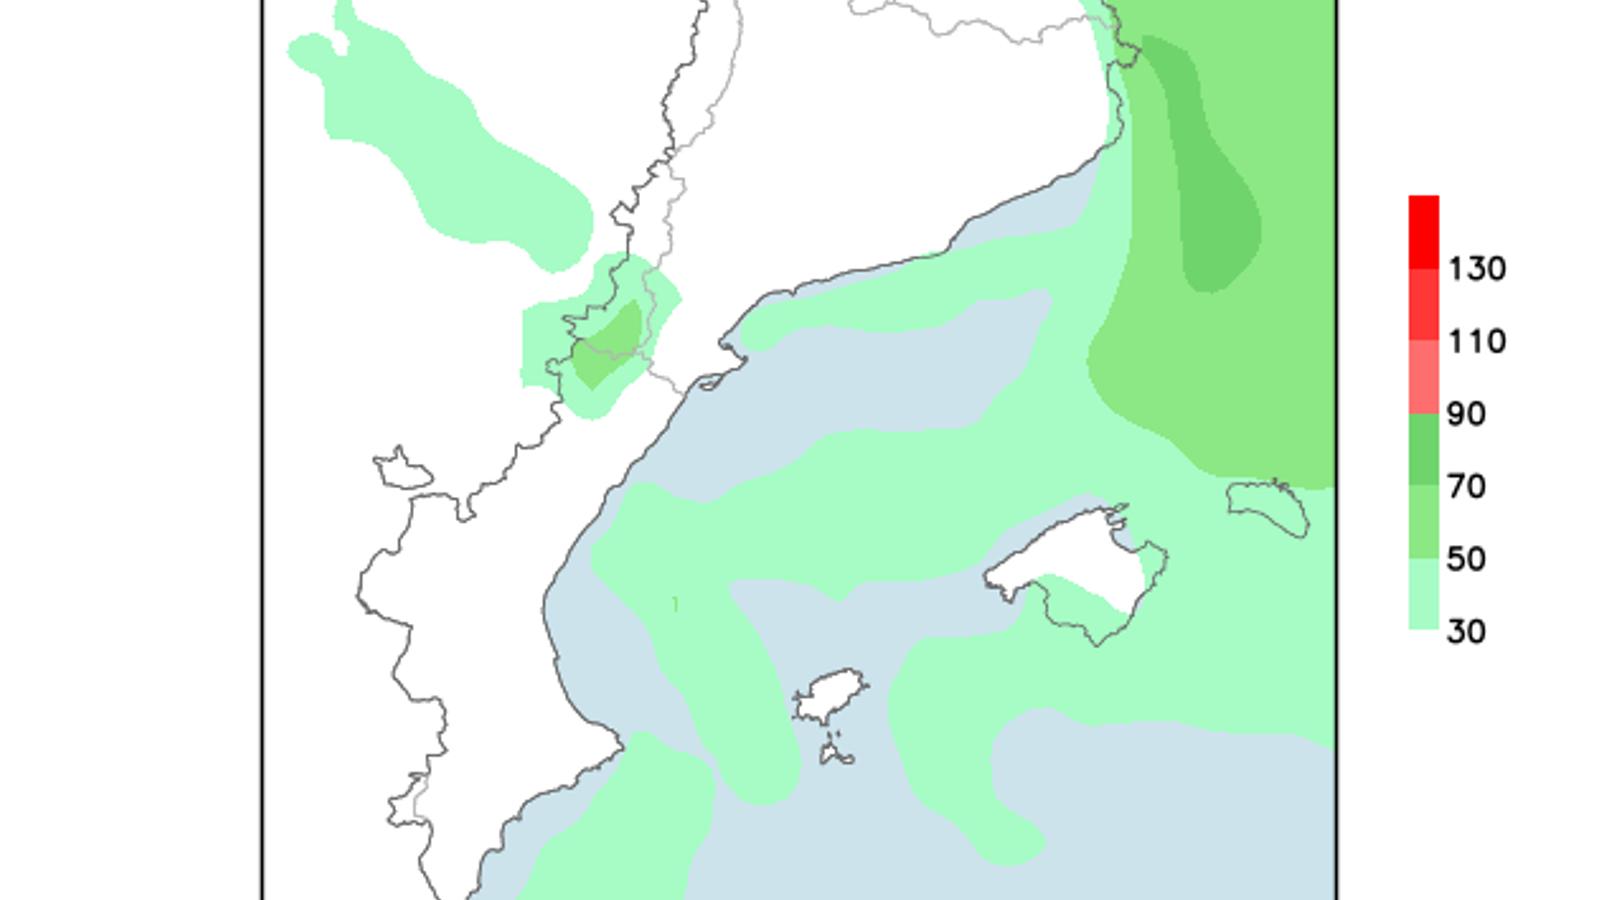 Intervals de vent fort i temperatures estables a les Balears